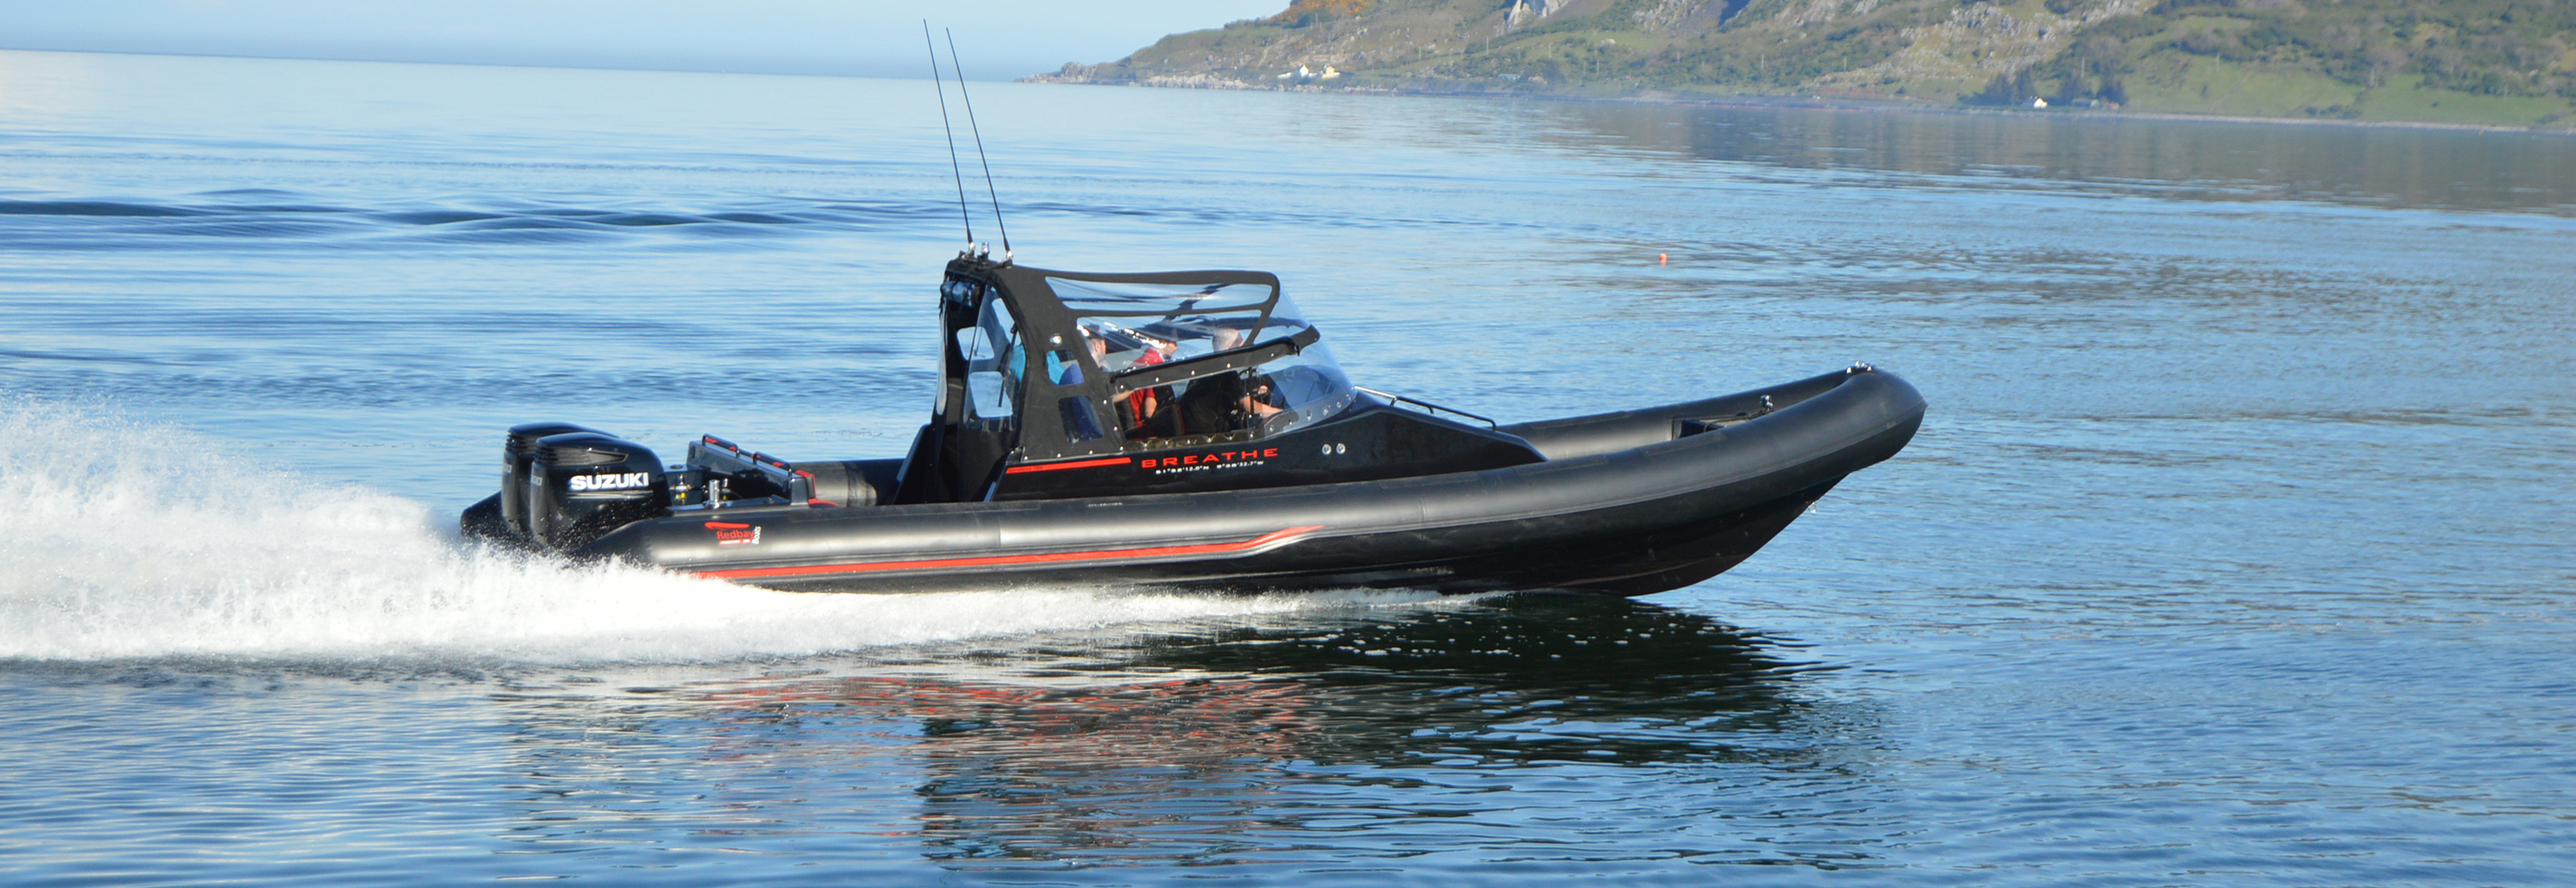 Boat Launches so Far 2021